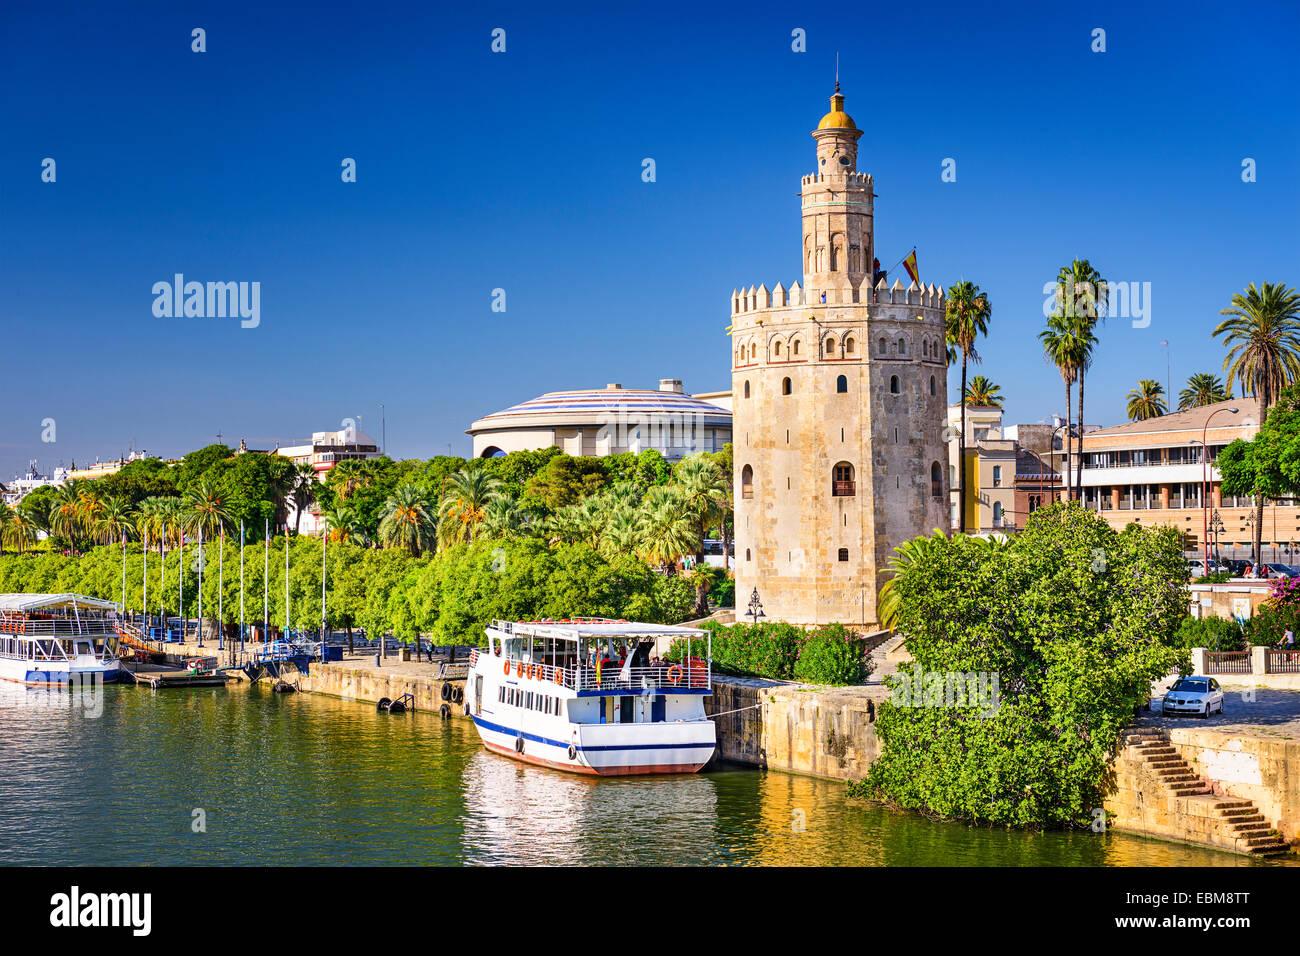 Torre del Oro en Sevilla, España. Imagen De Stock